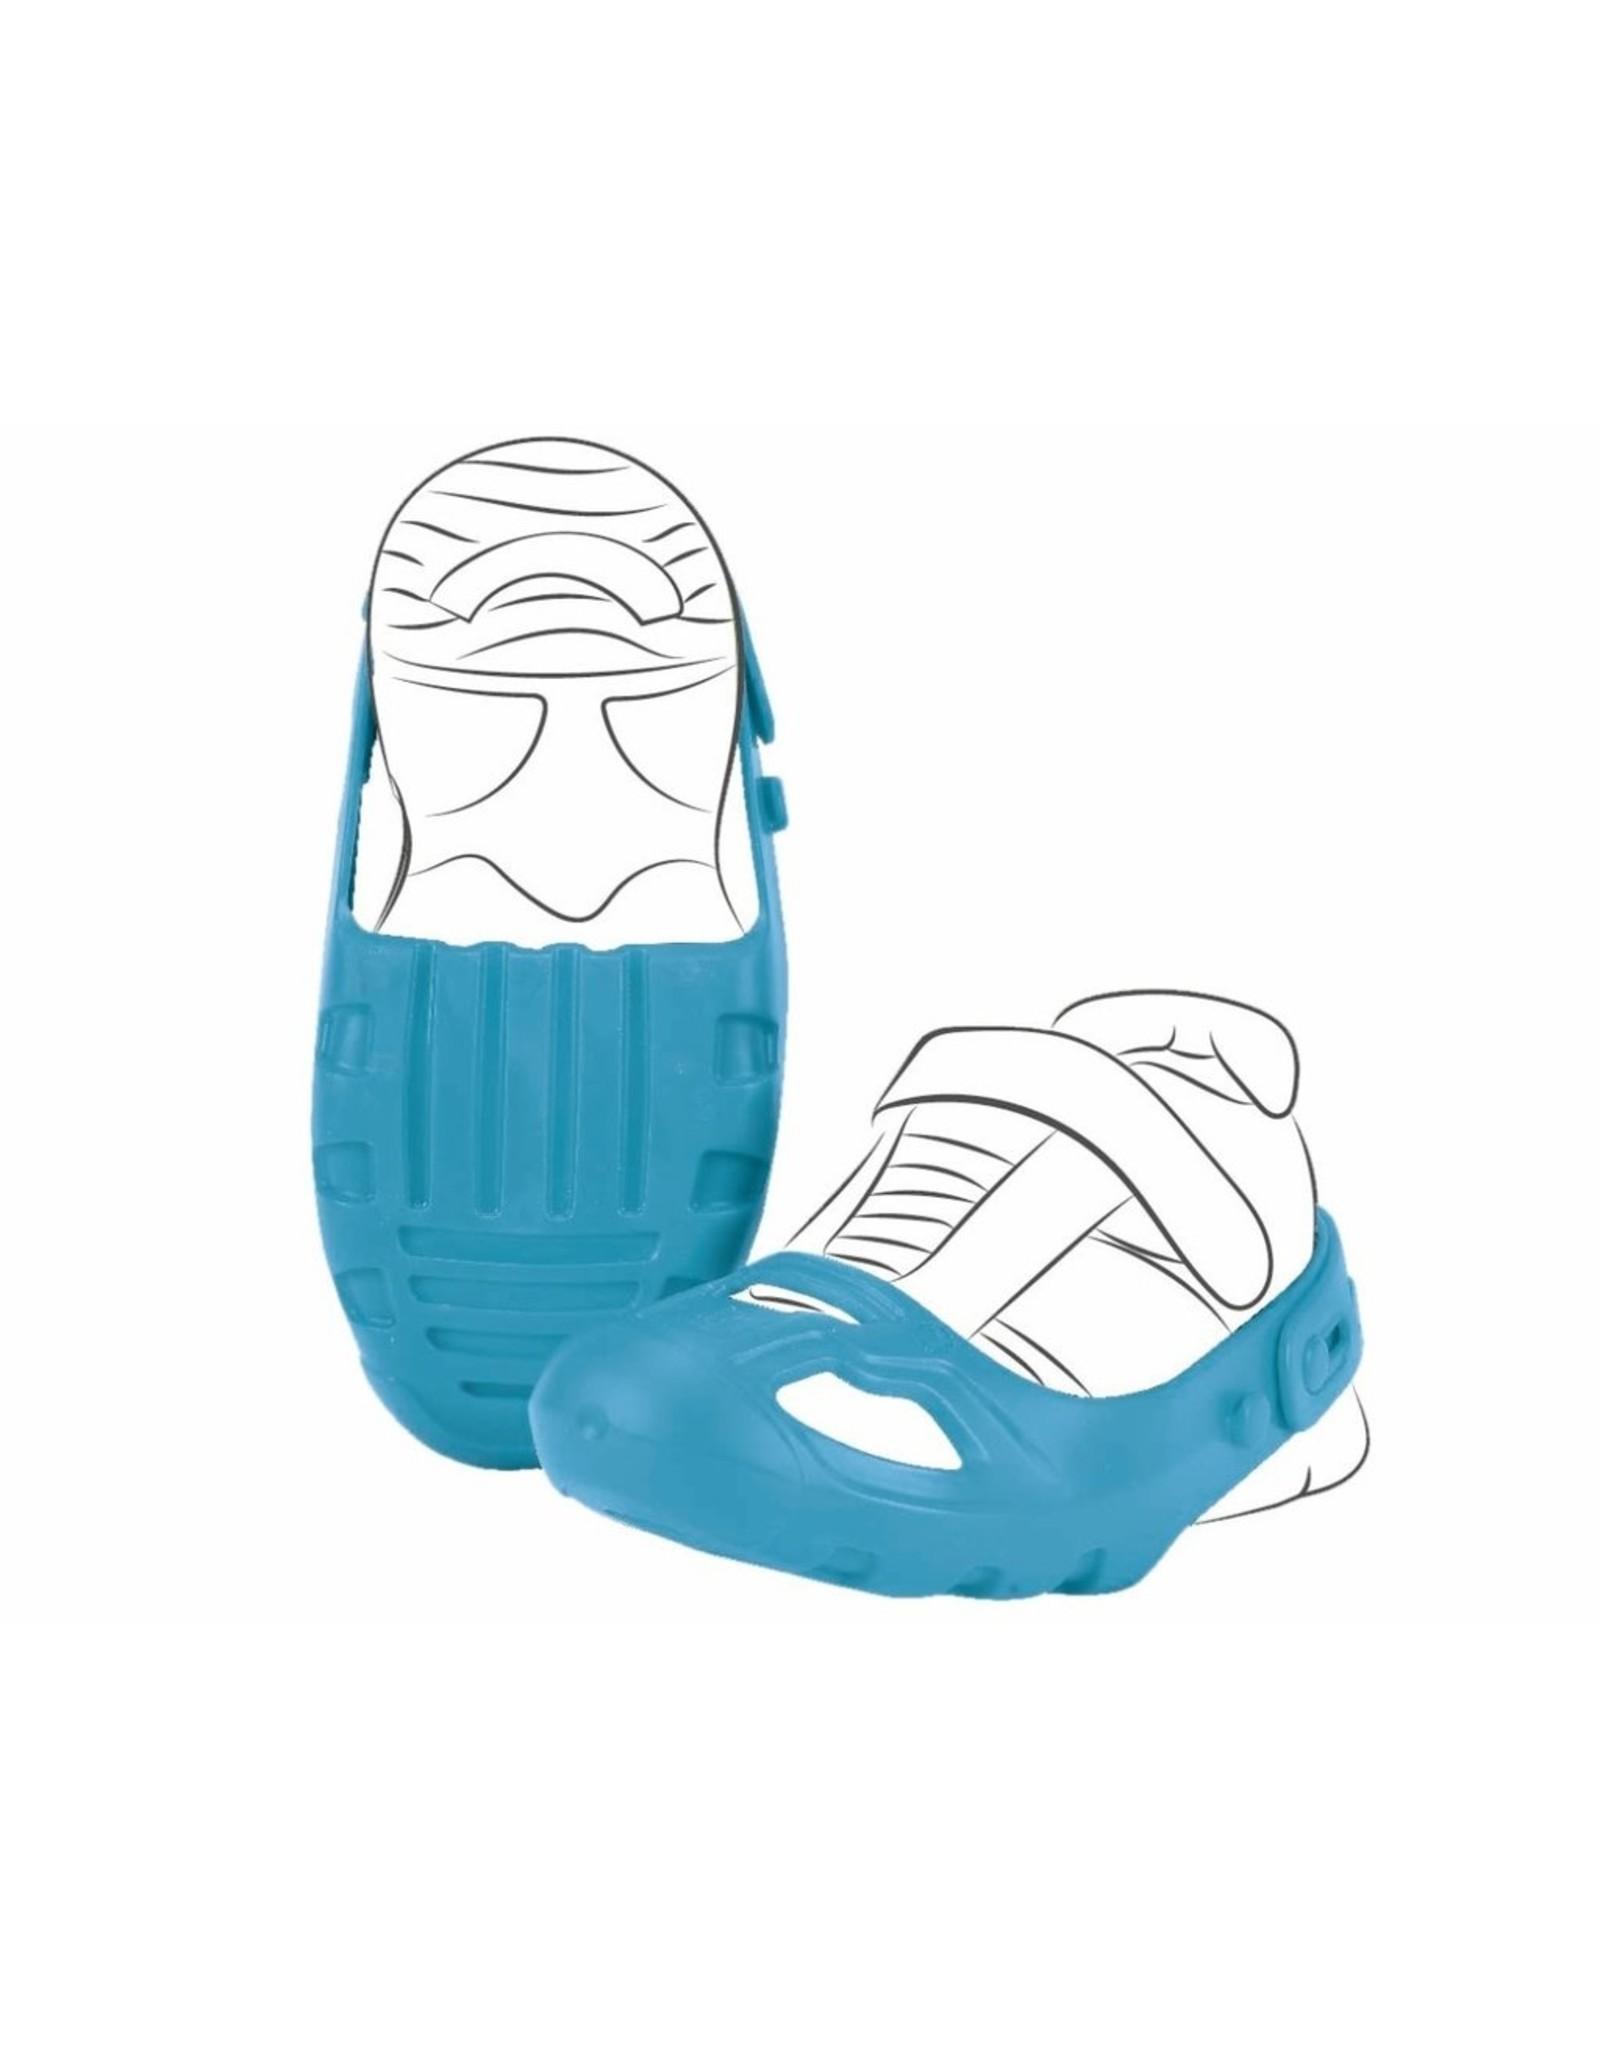 BIG BIG Schoenbeschermers blauw